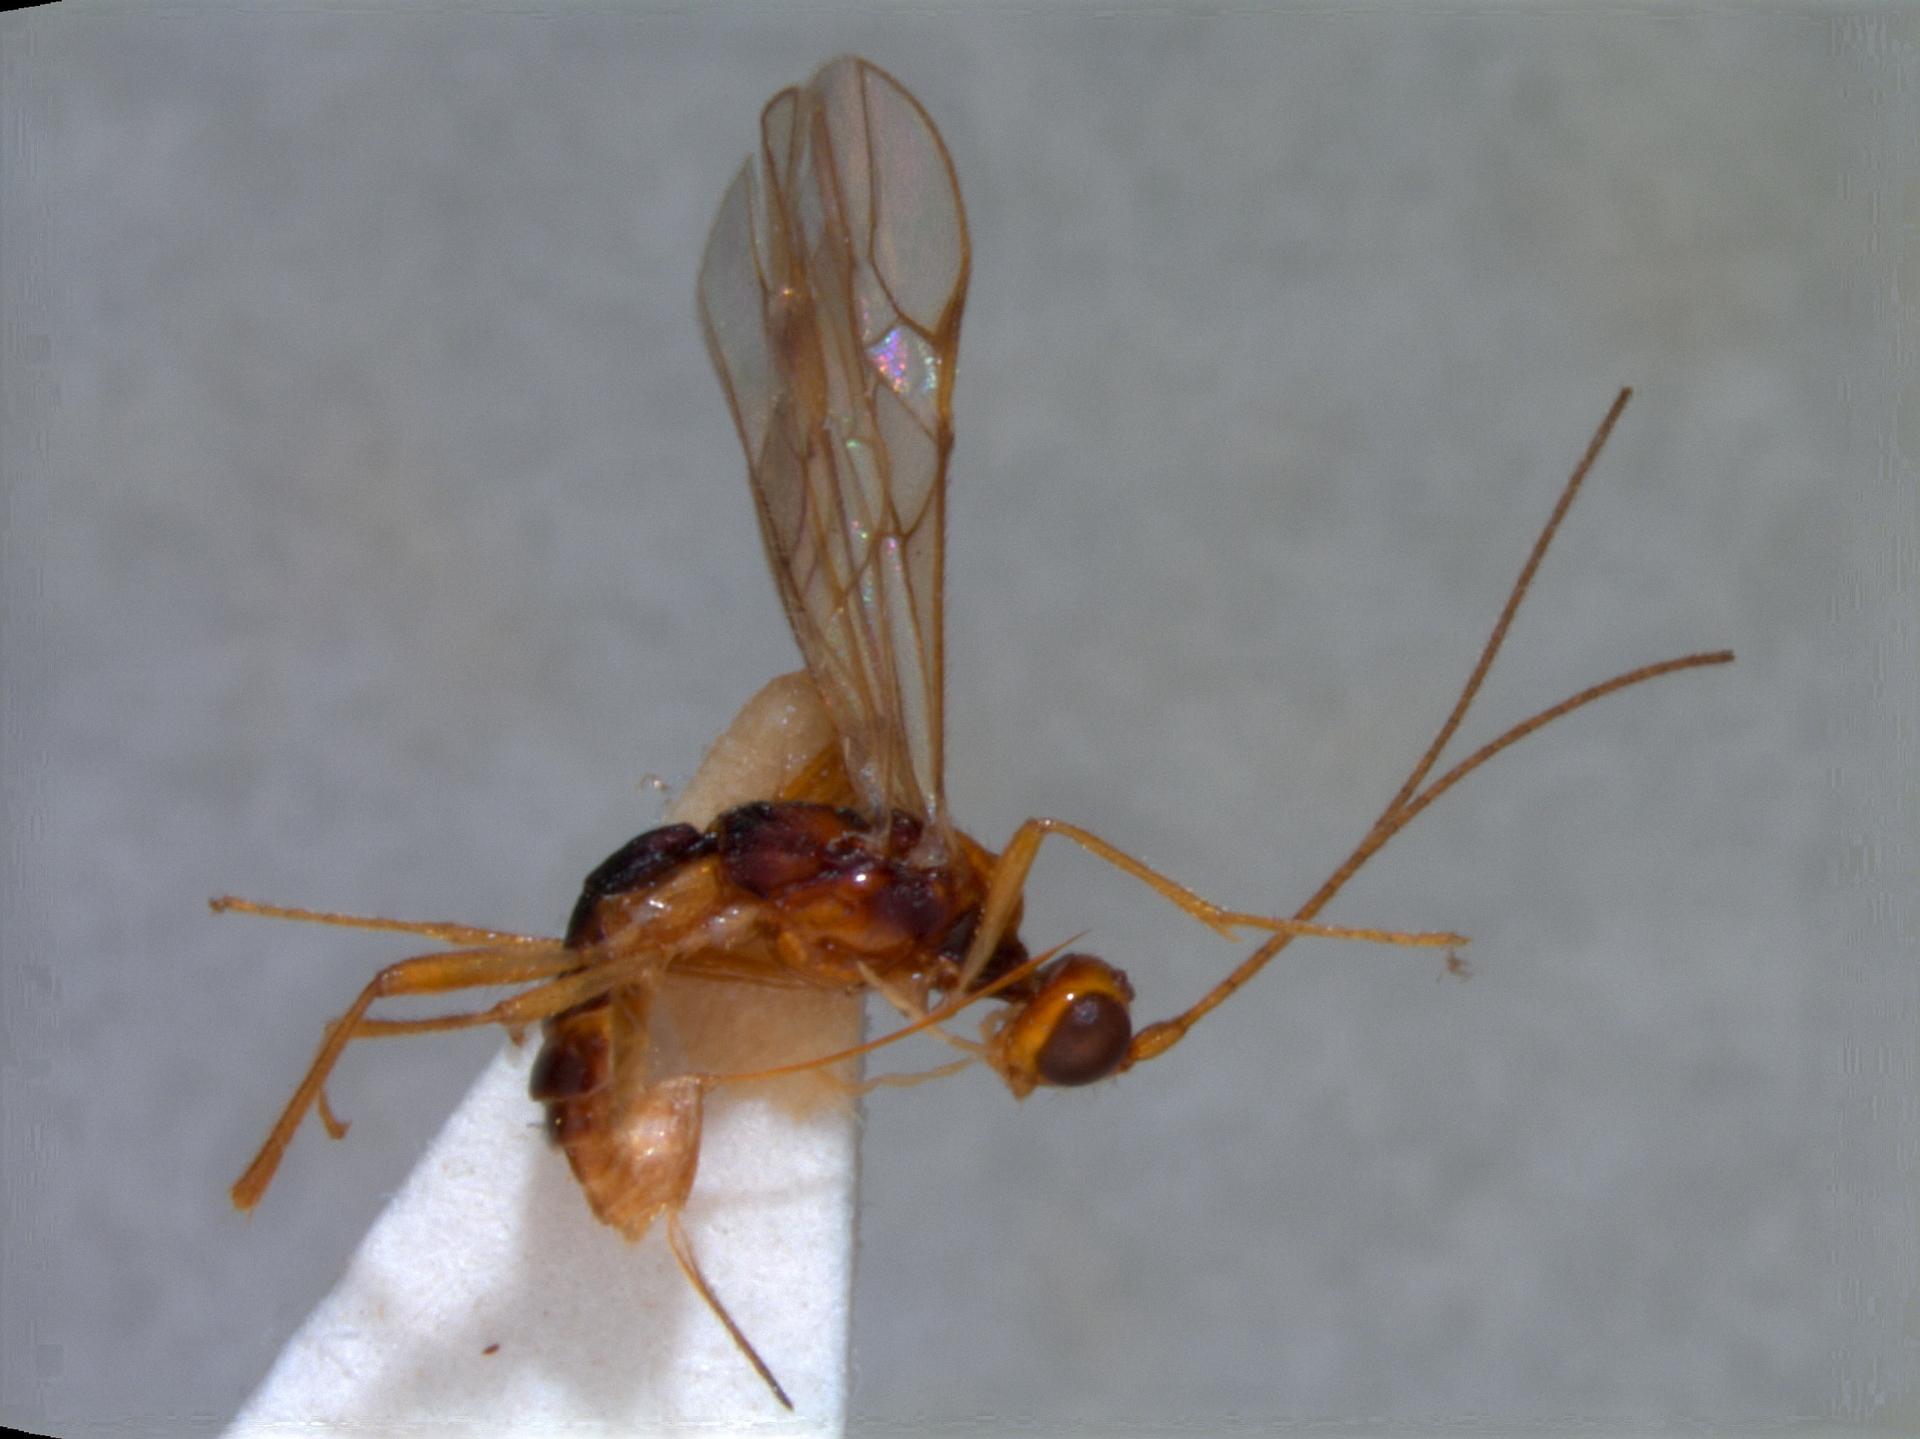 RMNH.INS.109087 | Pseudorhysipolis mellifacies van Achterberg, 2002